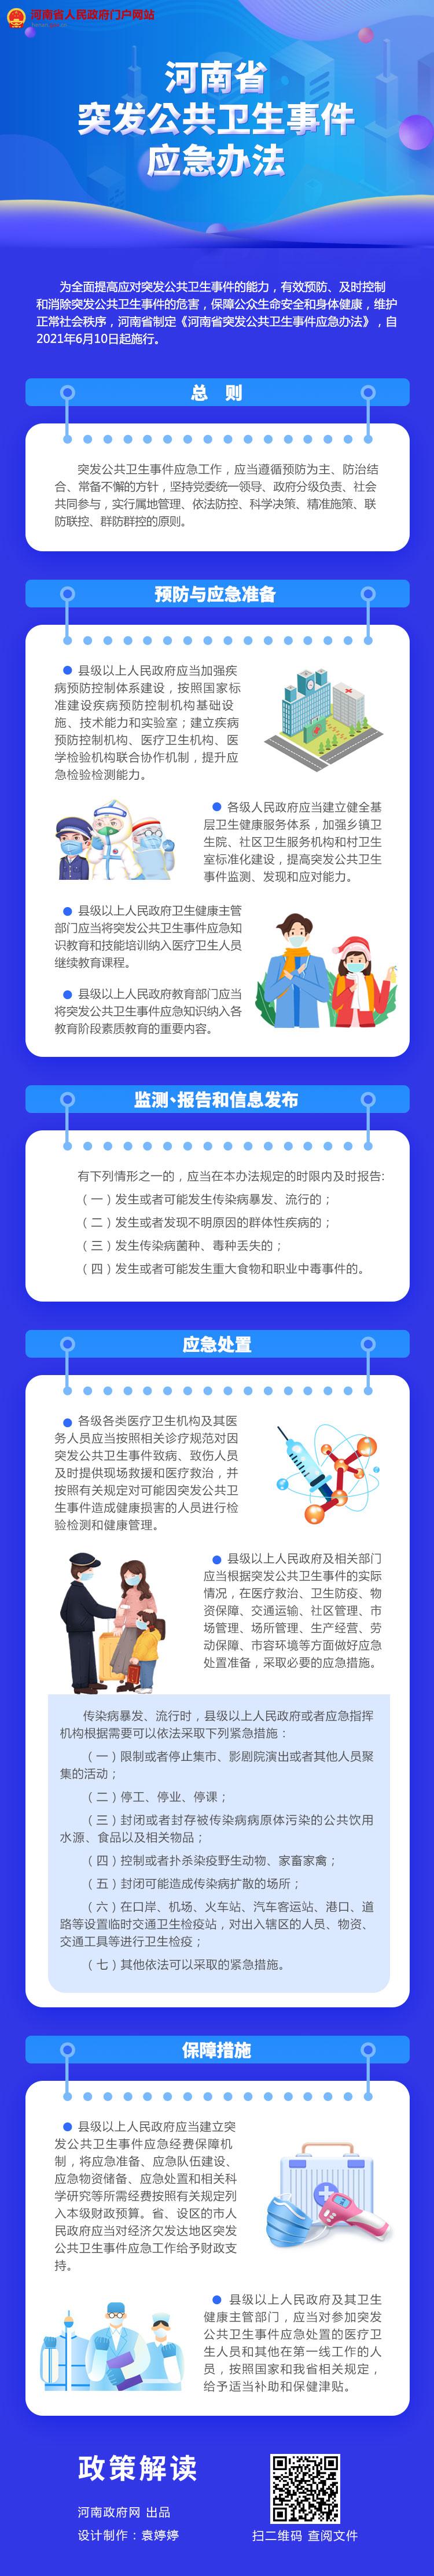 图解:河南省突发公共卫生事件应急办法